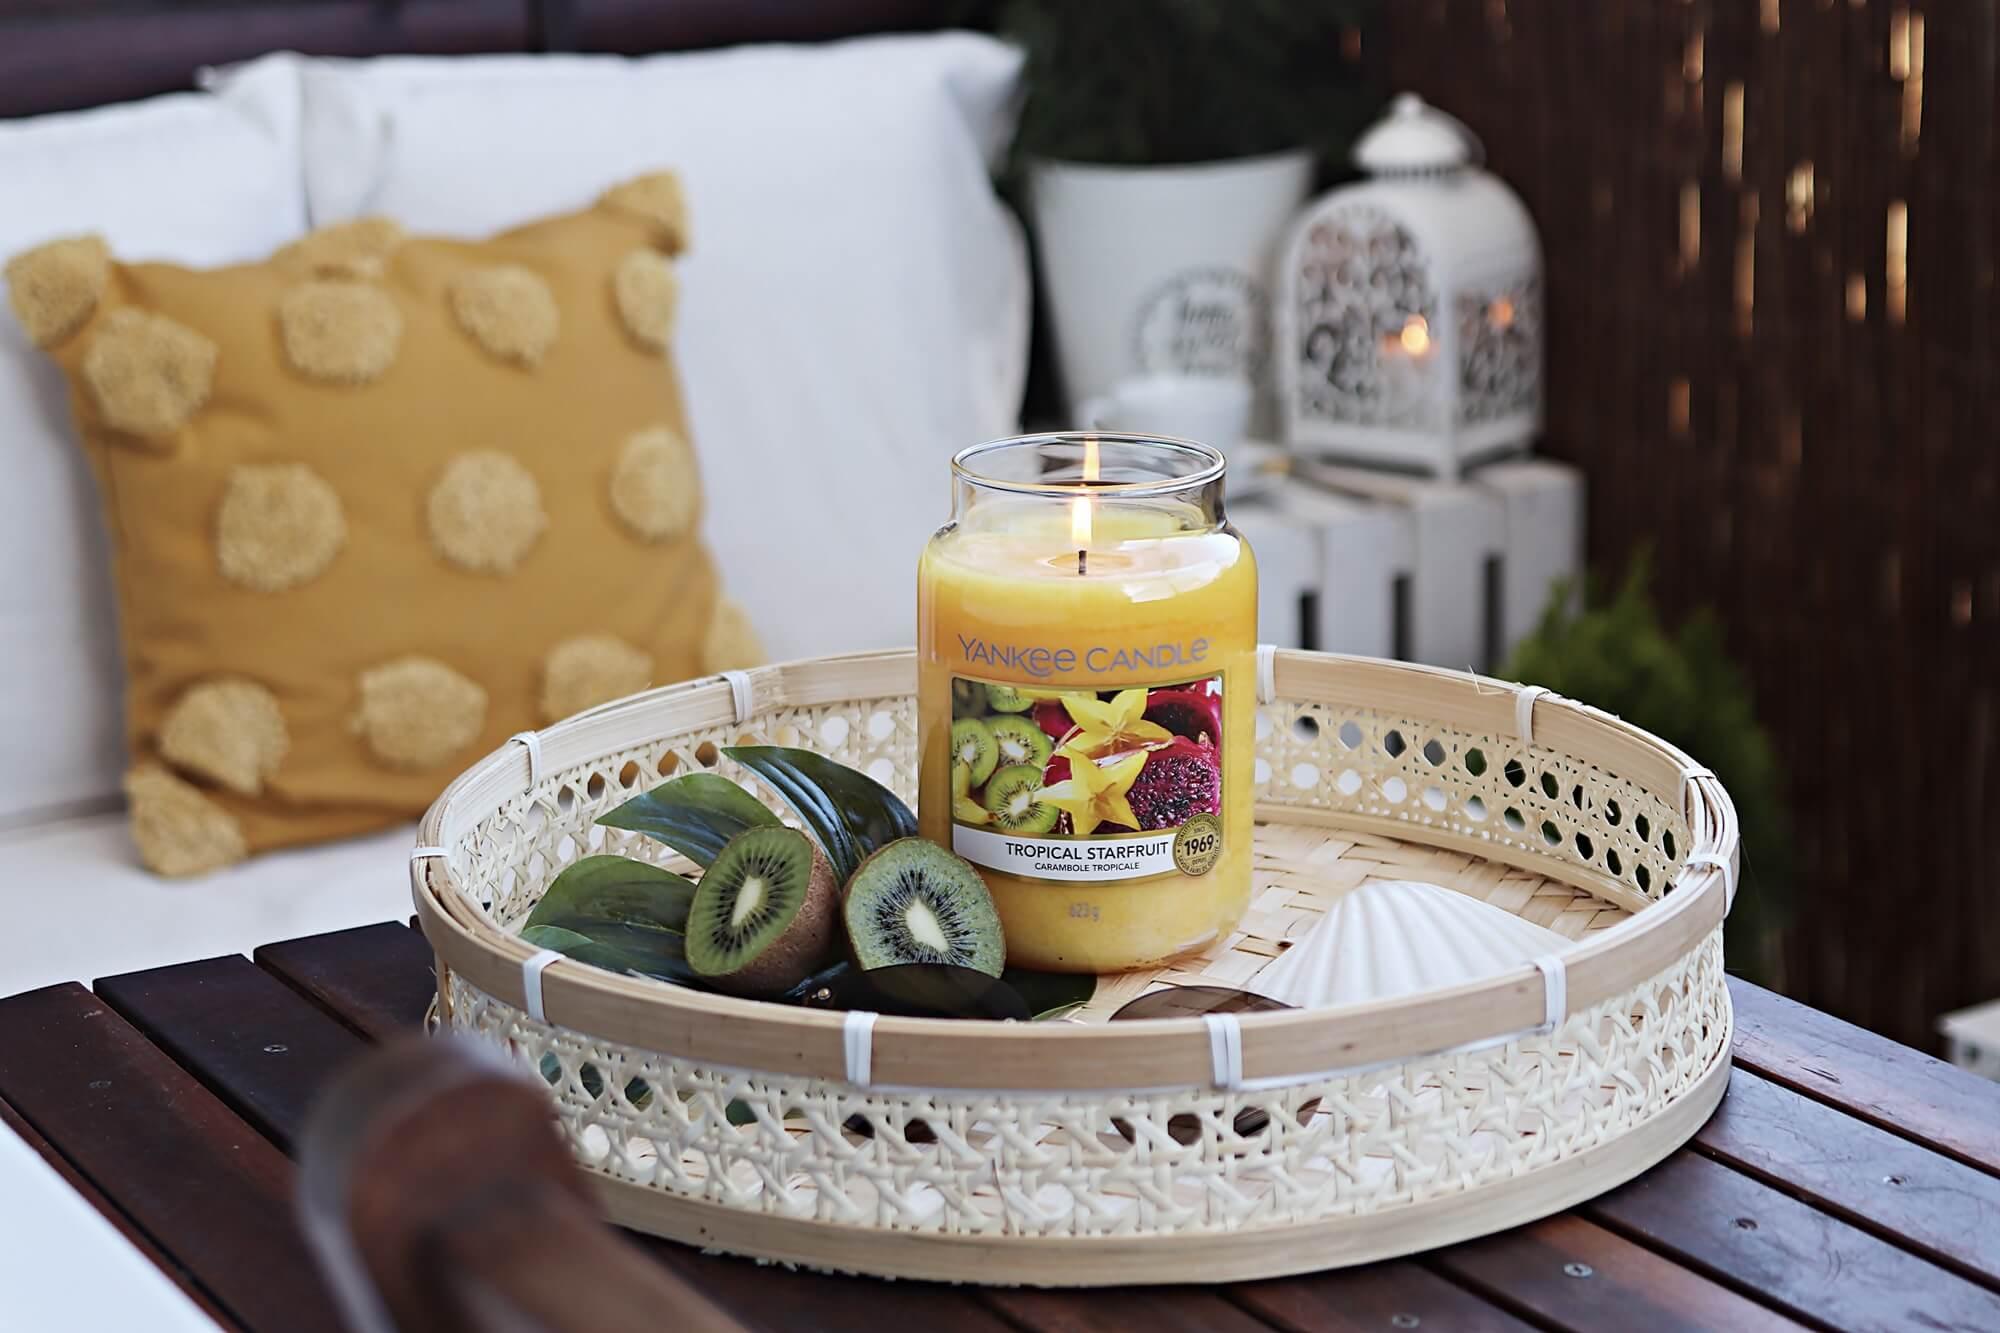 yankee candle tropical starfruit duża świeca dekoracja stołu